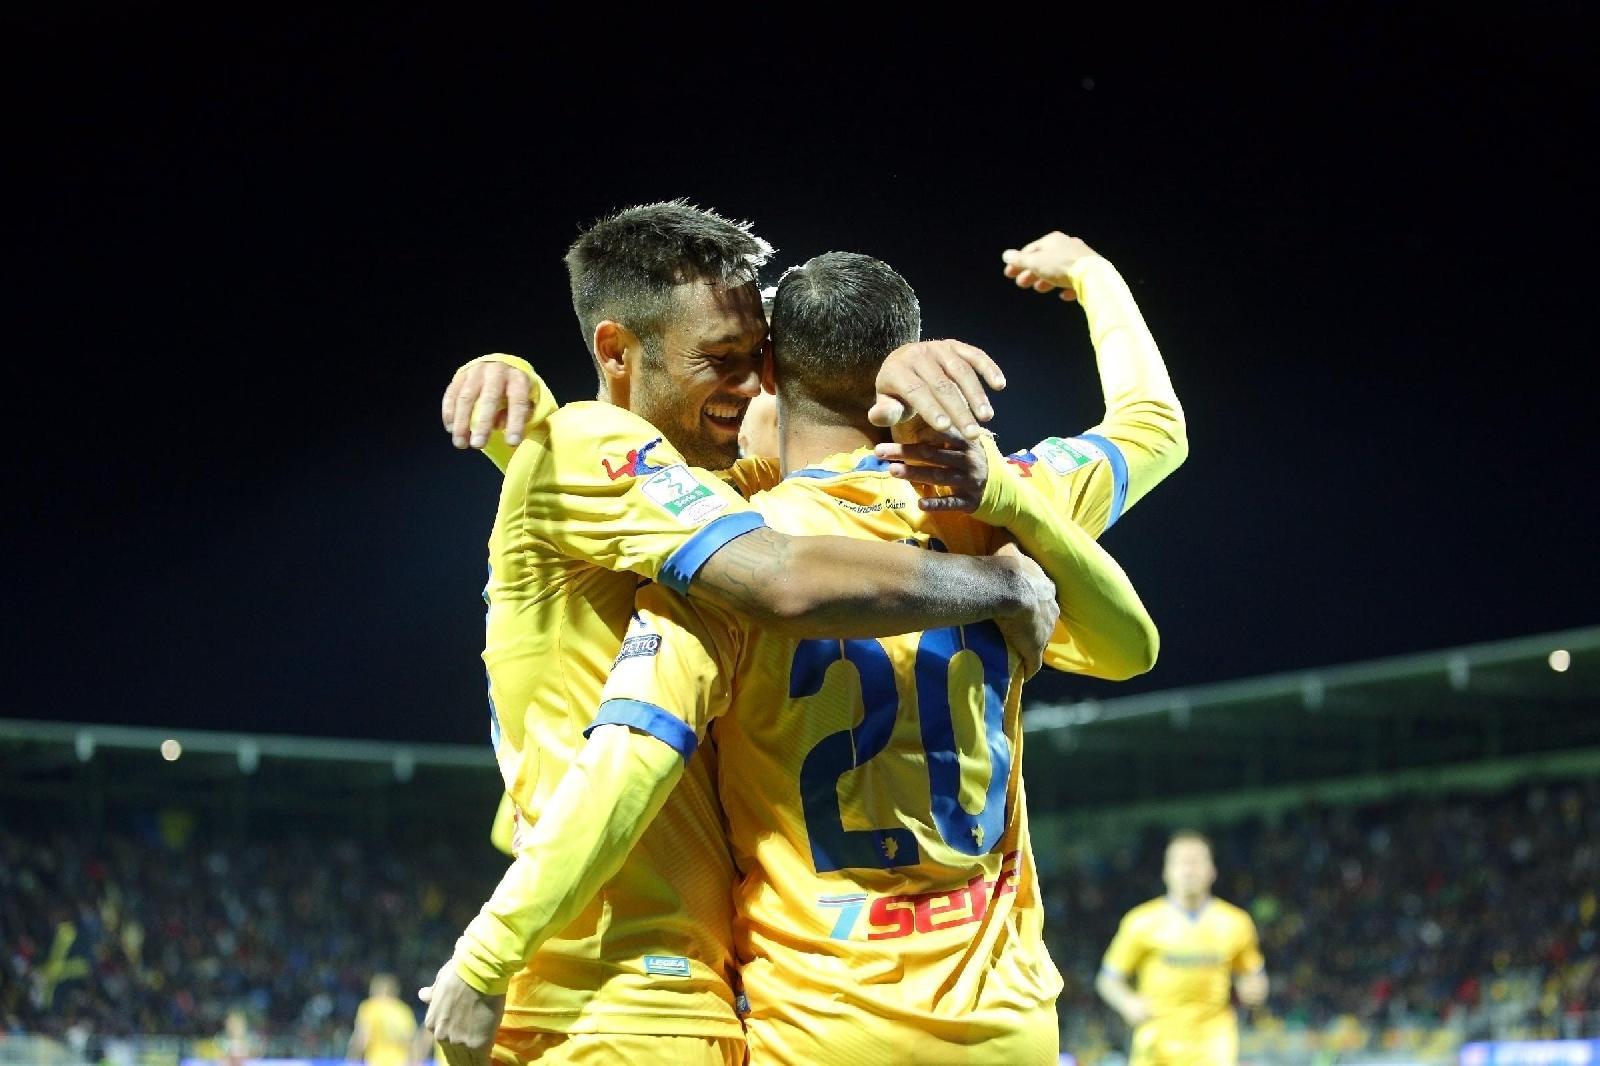 Serie B, Frosinone in vetta col Parma